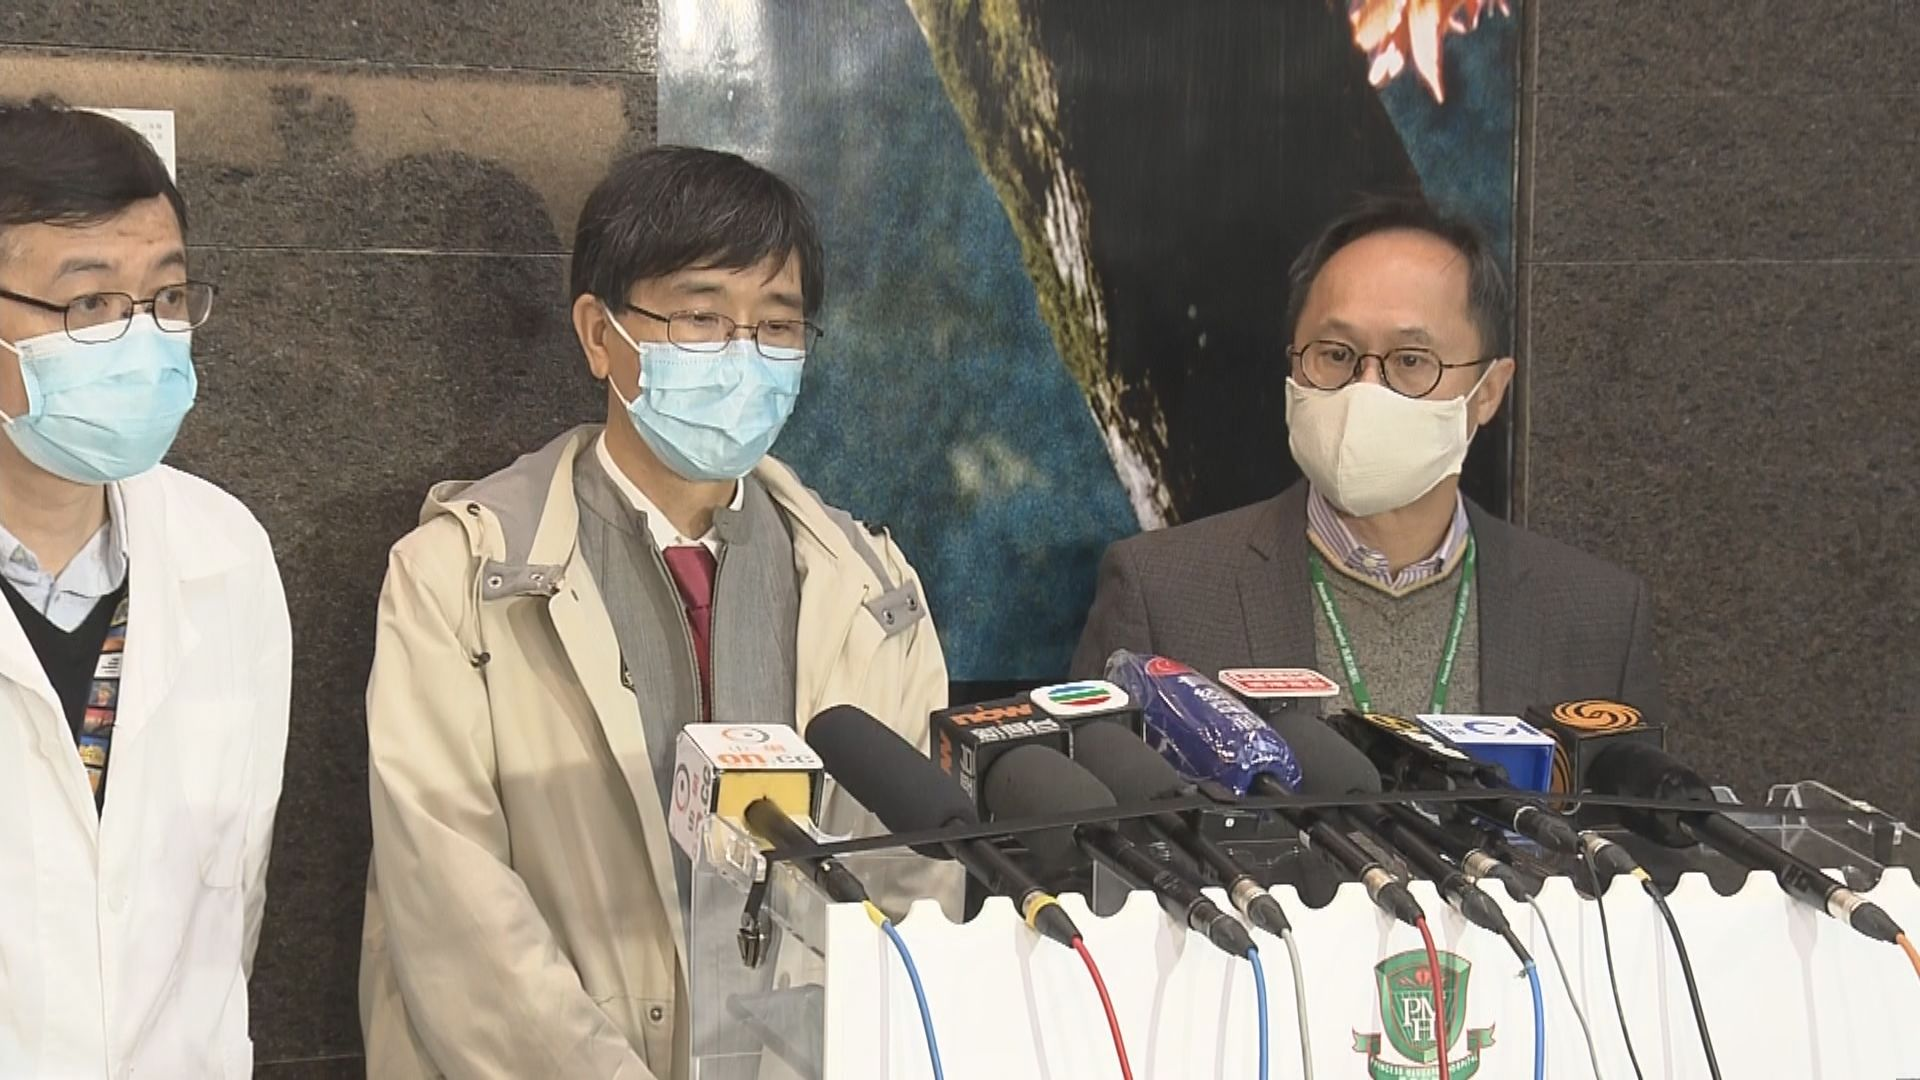 袁國勇:首位確診者體內病毒量高 容易感染其他人